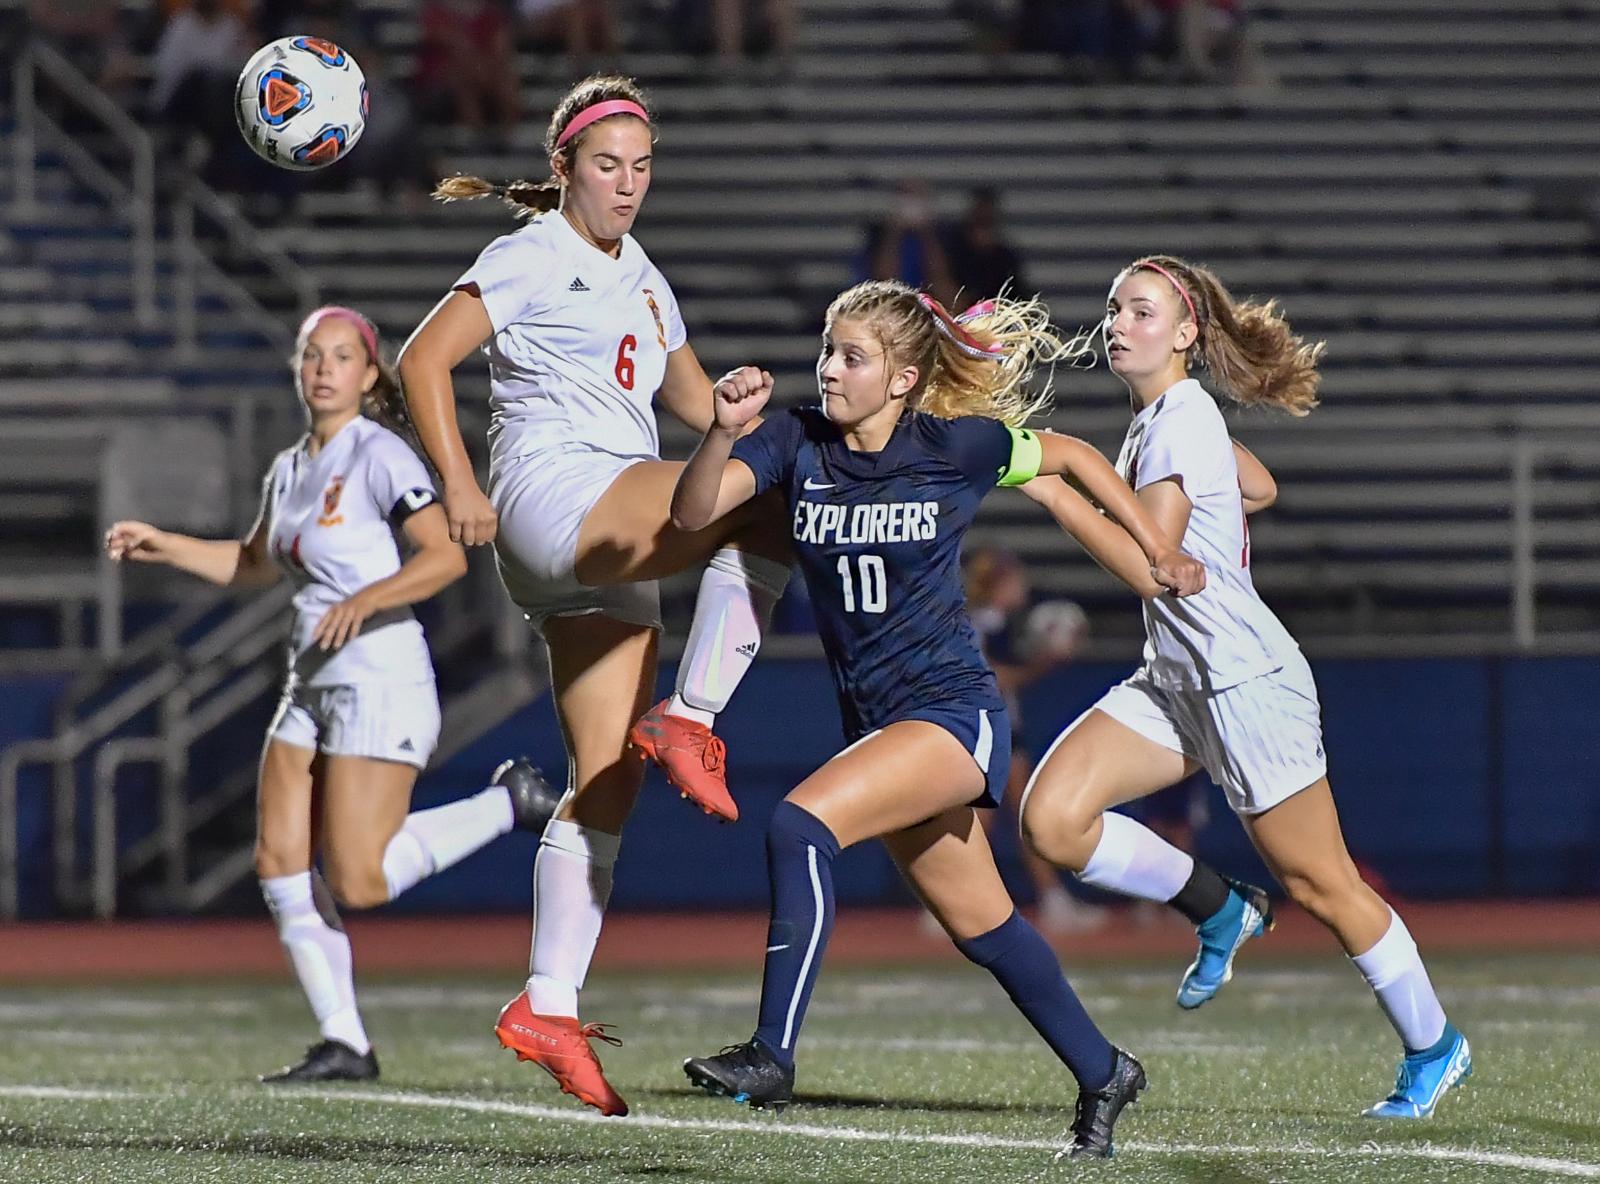 Images From Hudson Girls Soccer vs Brecksville